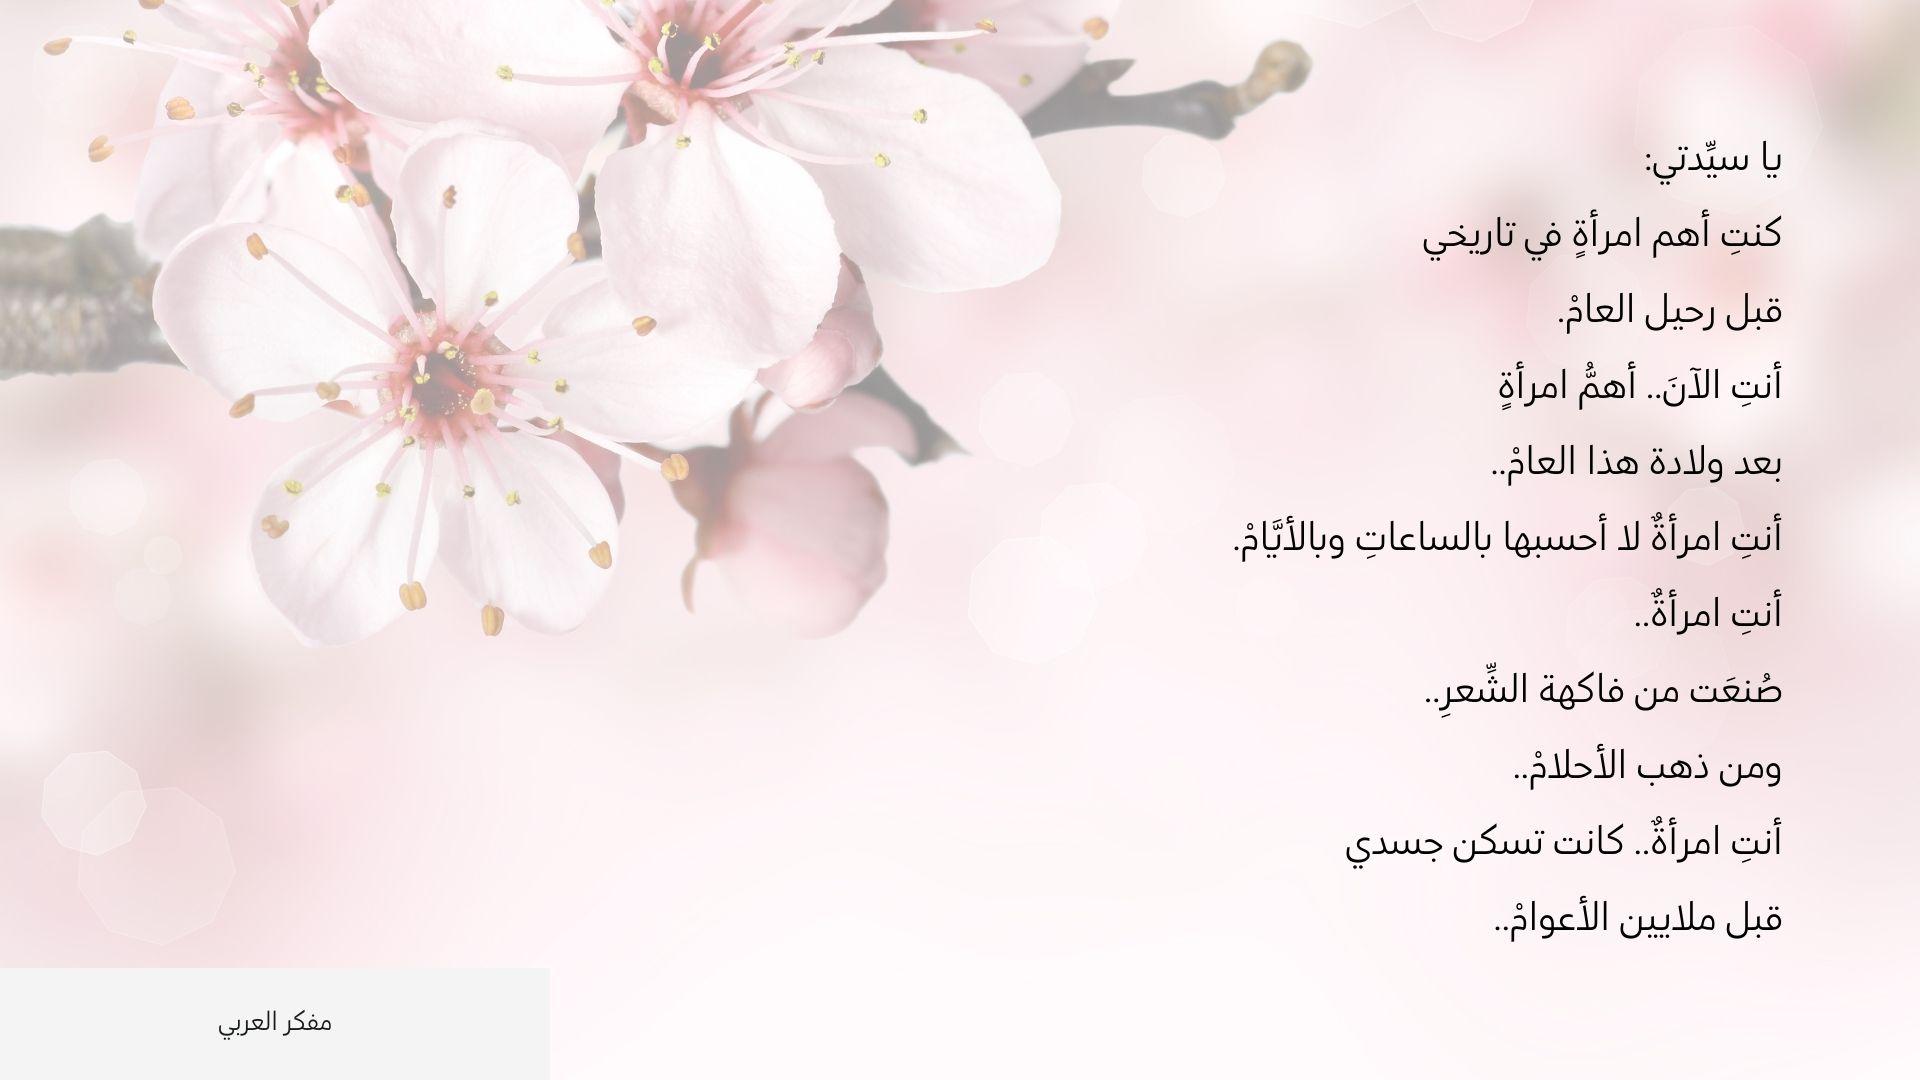 اليوم العالمي للمرأة من اشعار نزار قباني